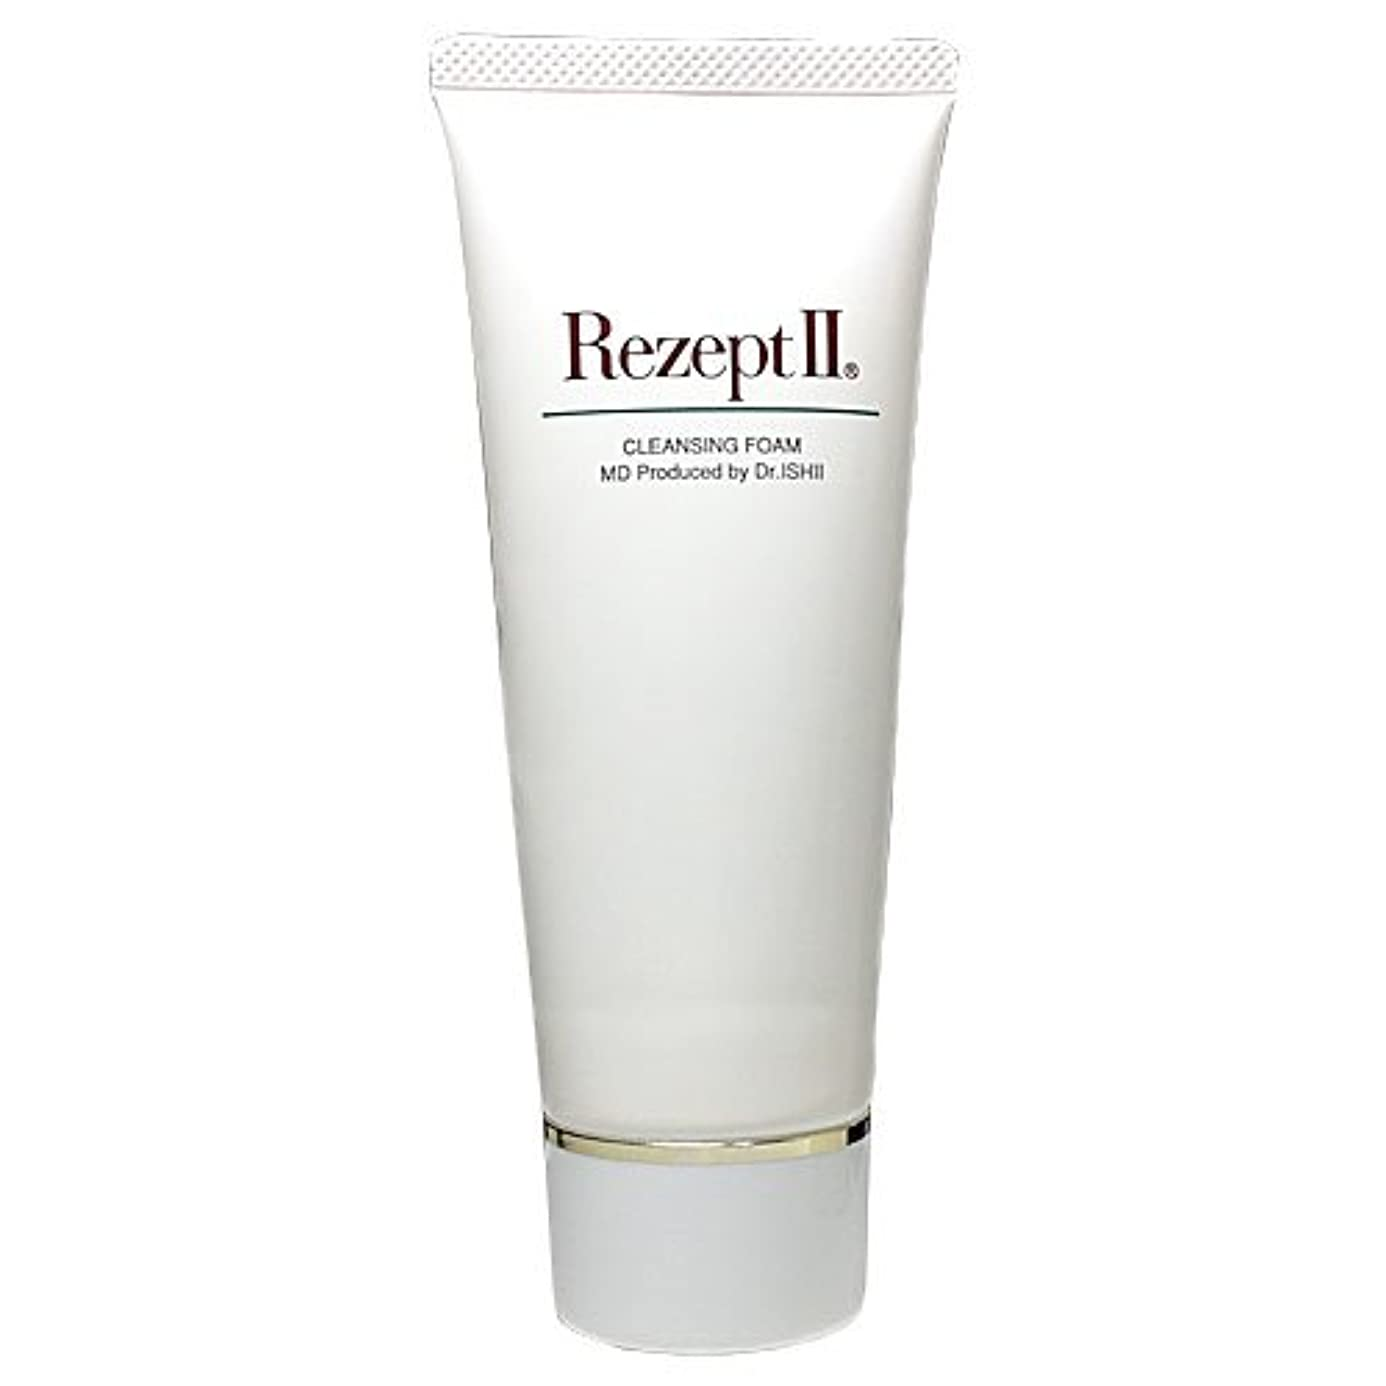 関連する信頼フェザーMD化粧品 レセプト2 クレンジングフォーム 洗顔料 115g